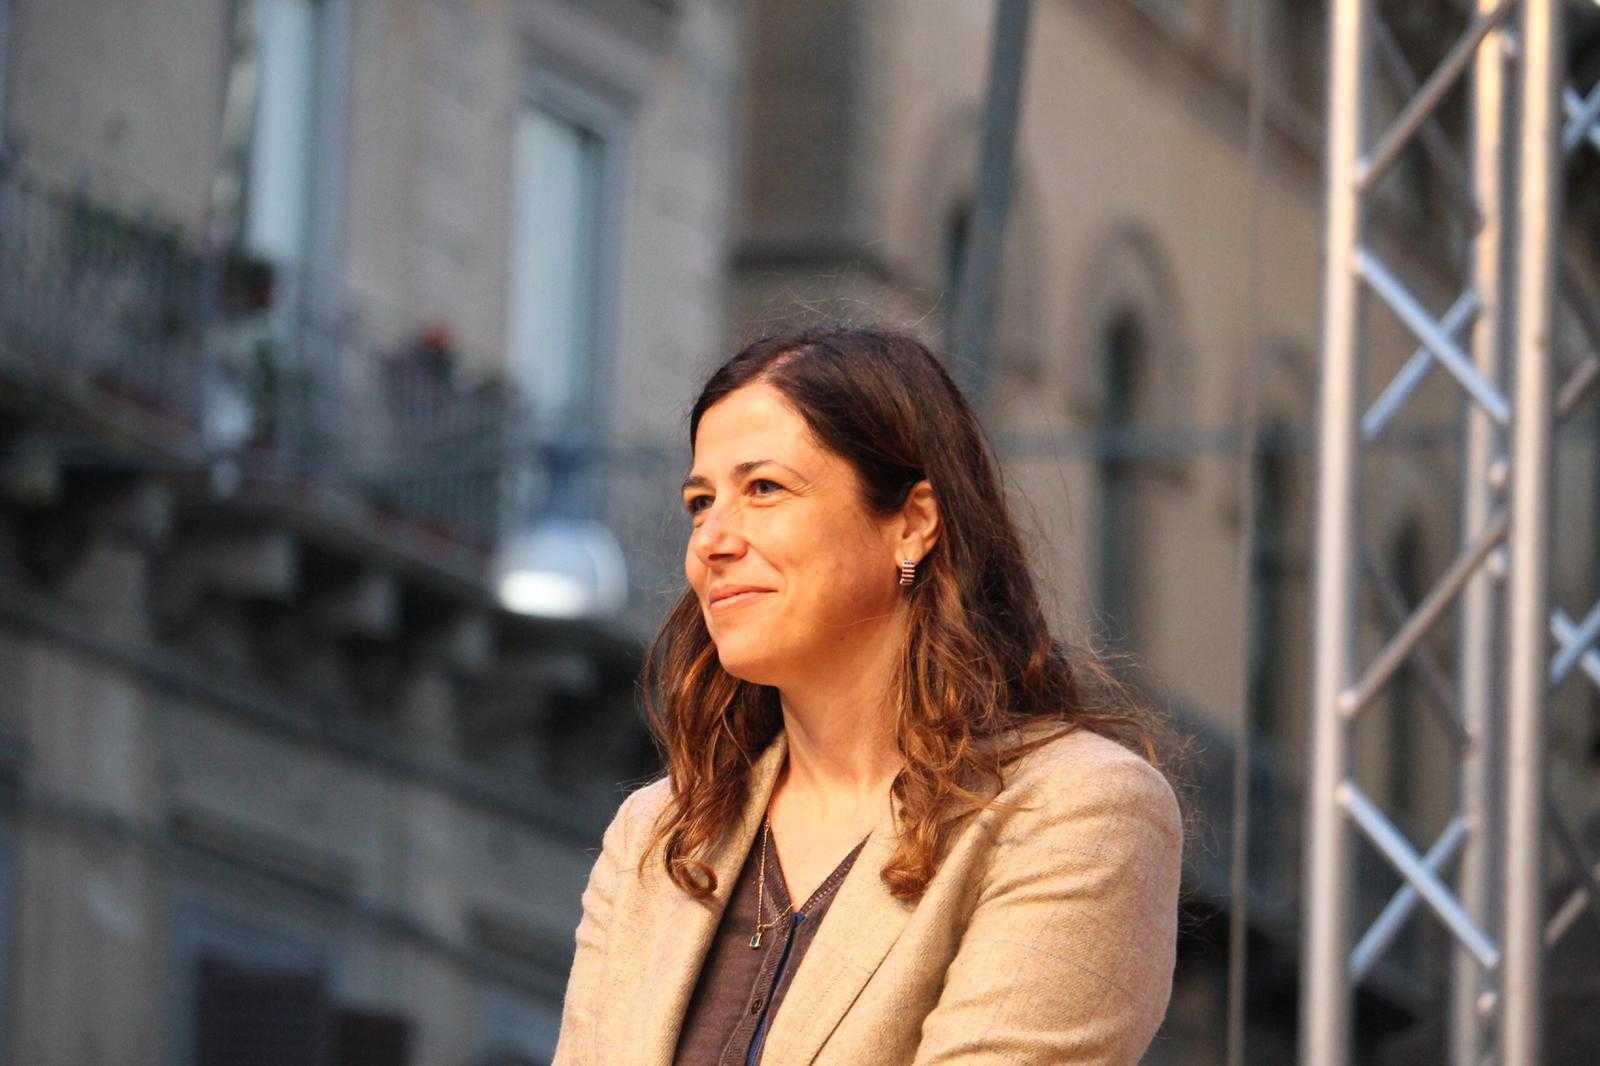 Verso le Europee | Il programma di Alessandra Todde (M5S) su startup e innovazione